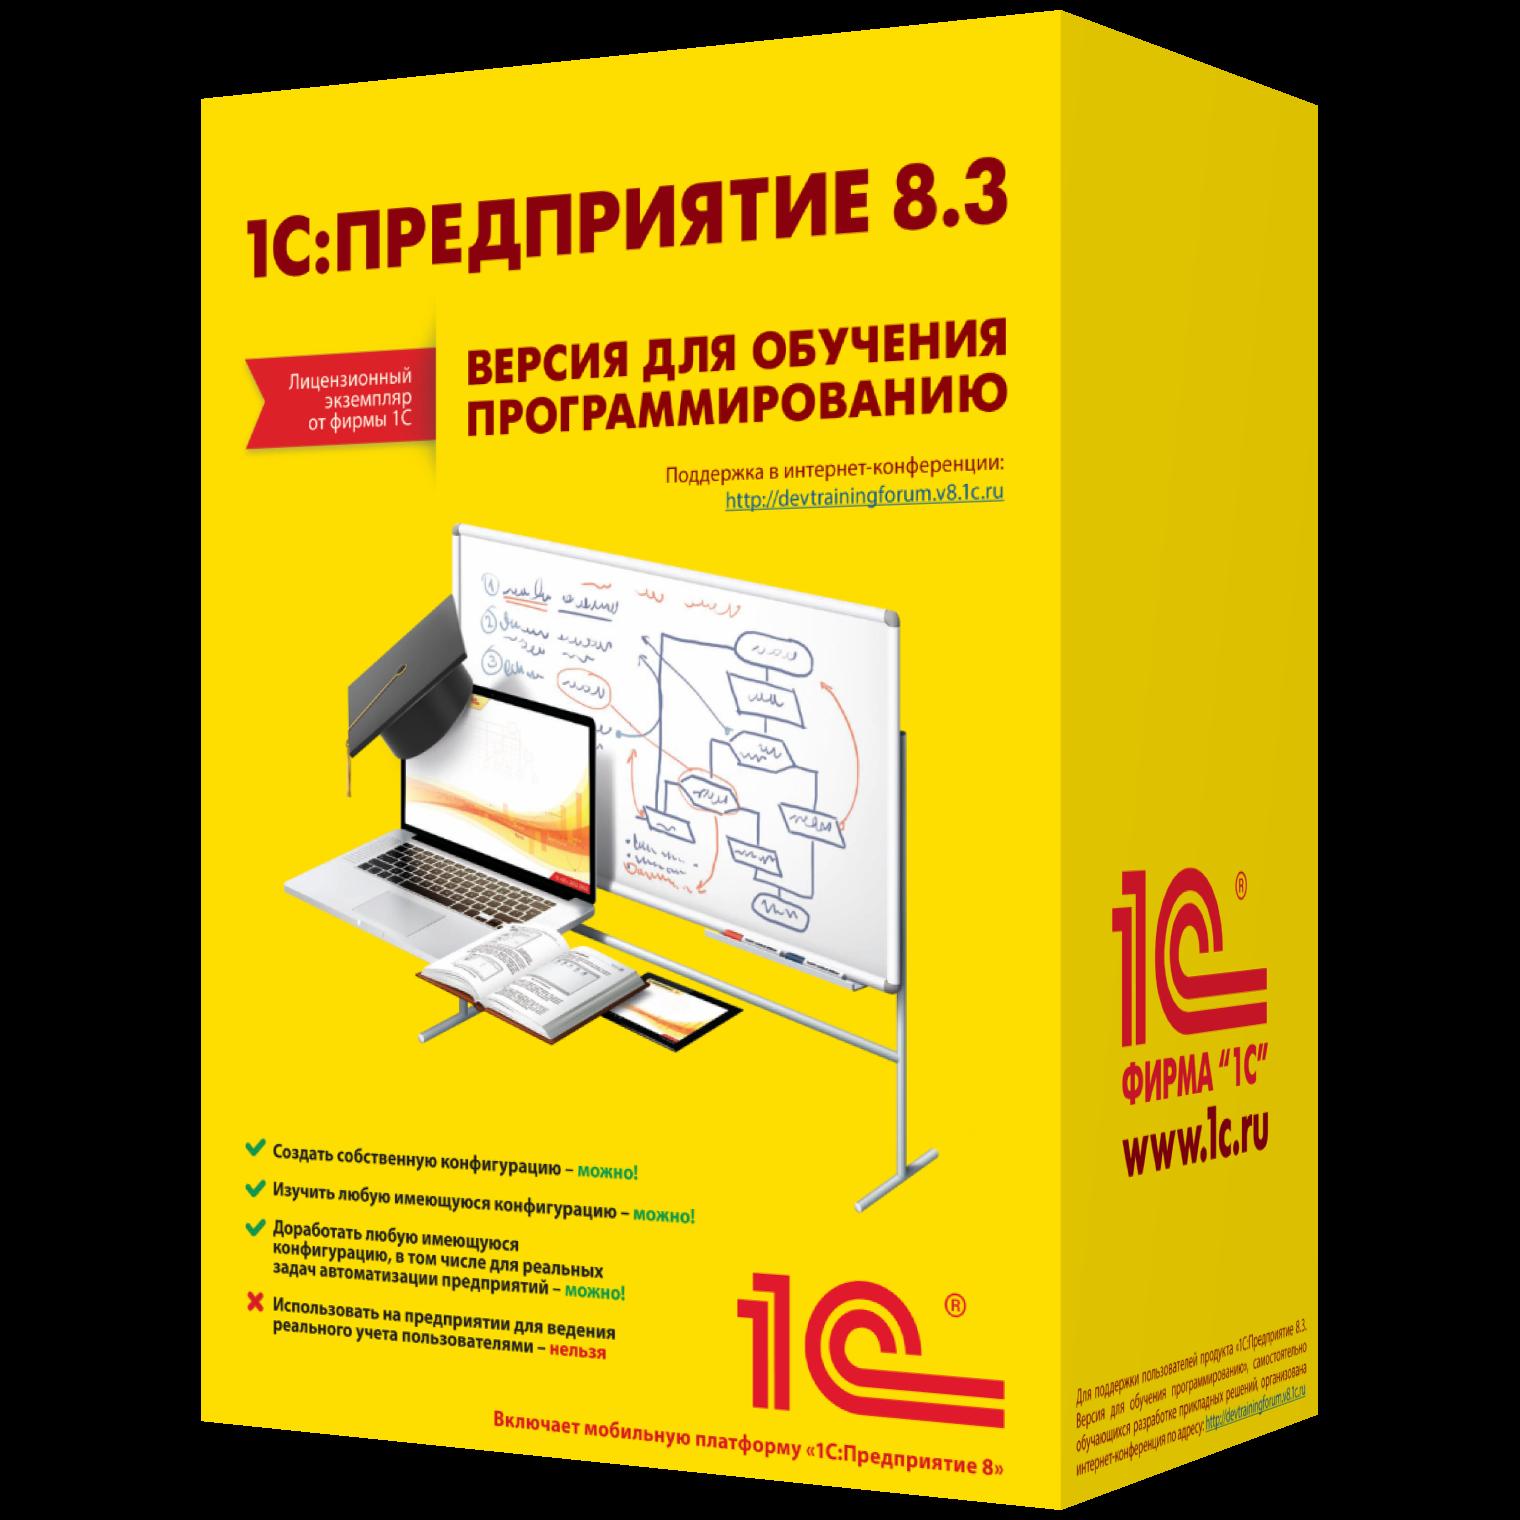 Versiya_obych_program_right_bez_otr.png